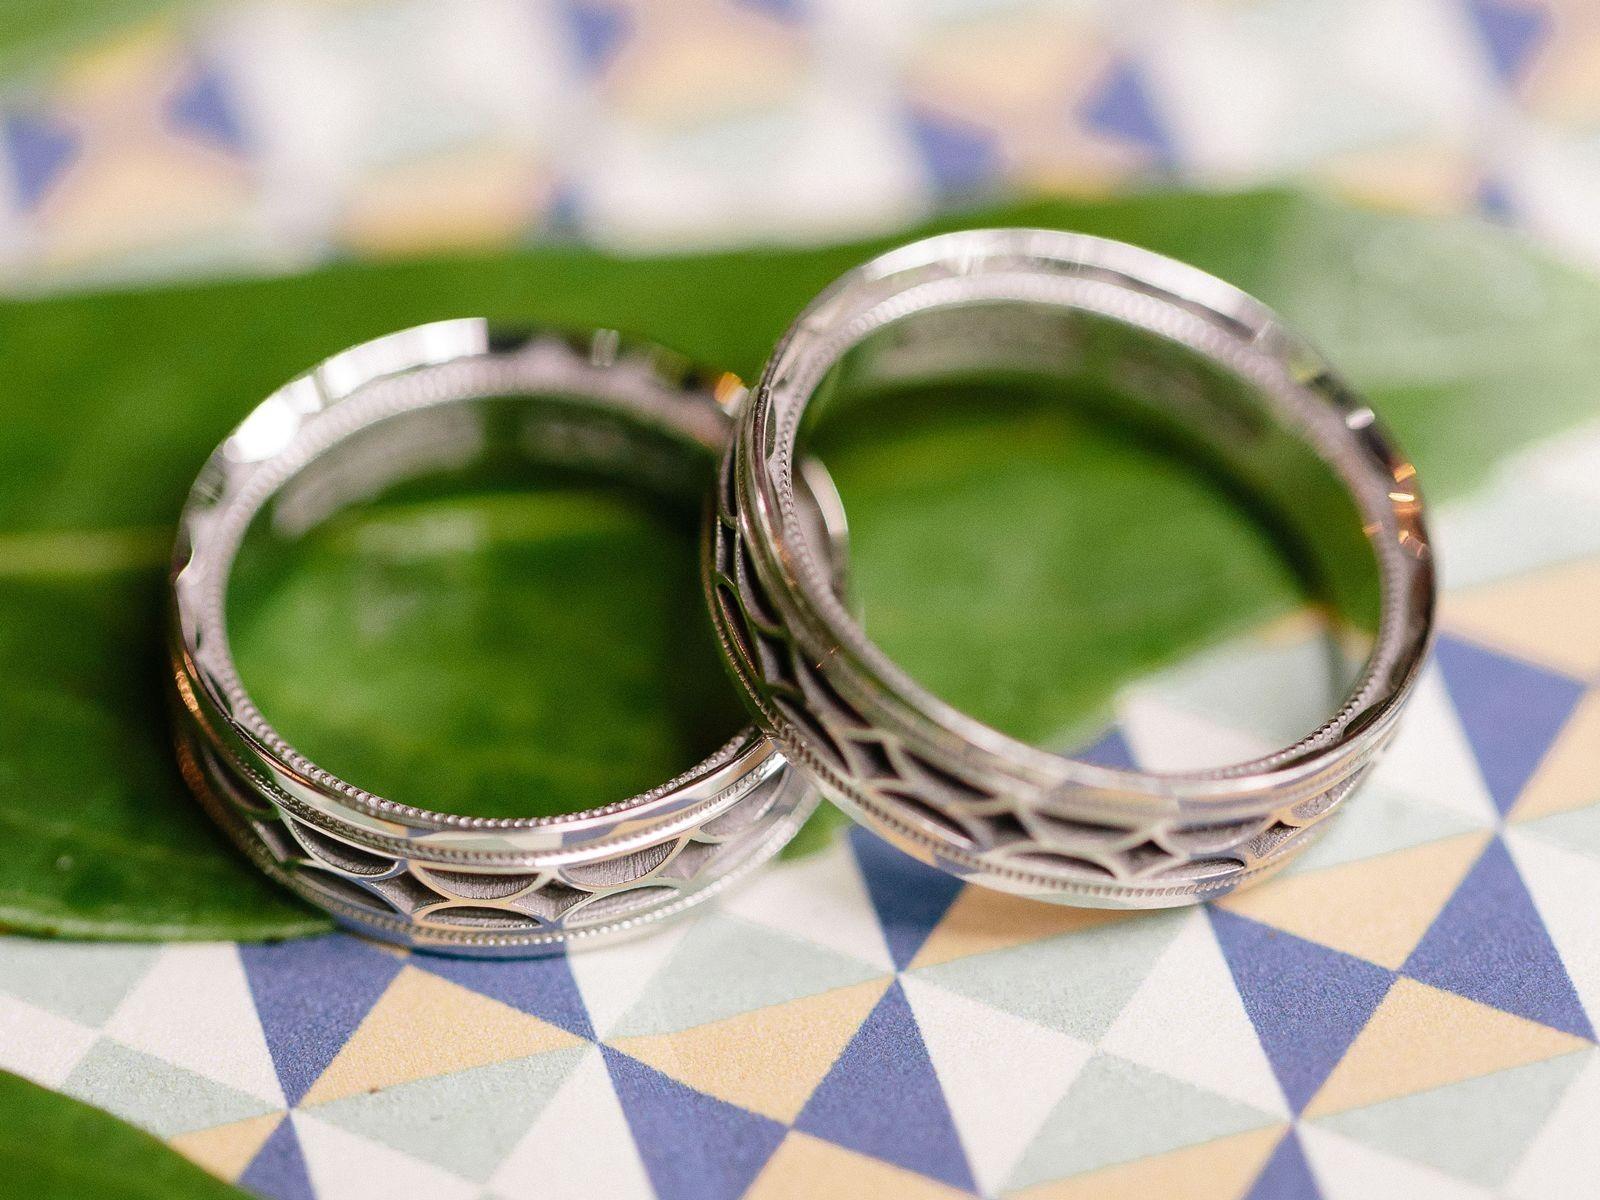 Alternatif Bahan Cincin Tunangan Selain Cincin Emas Untuk Lelaki